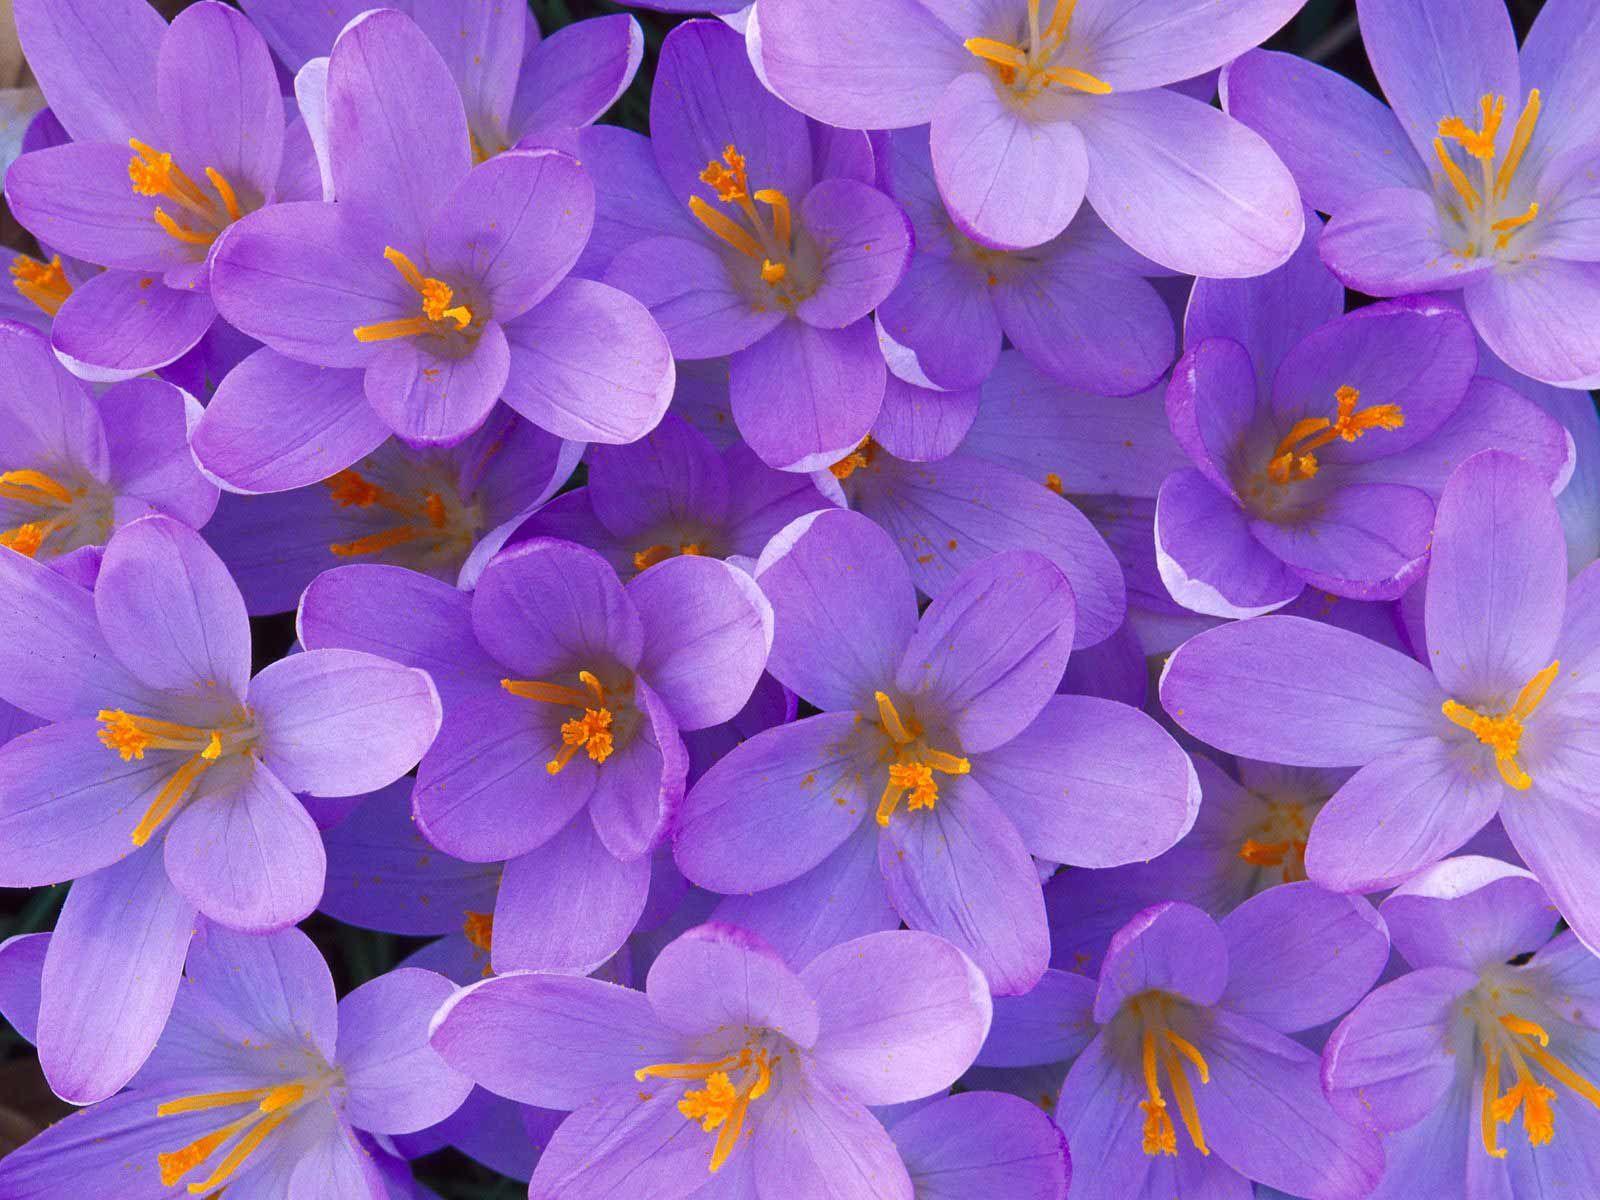 Fondos De Pantalla Hd Flores: Flores Fondo De Pantalla Para Fondo Celular En Hd 20 HD